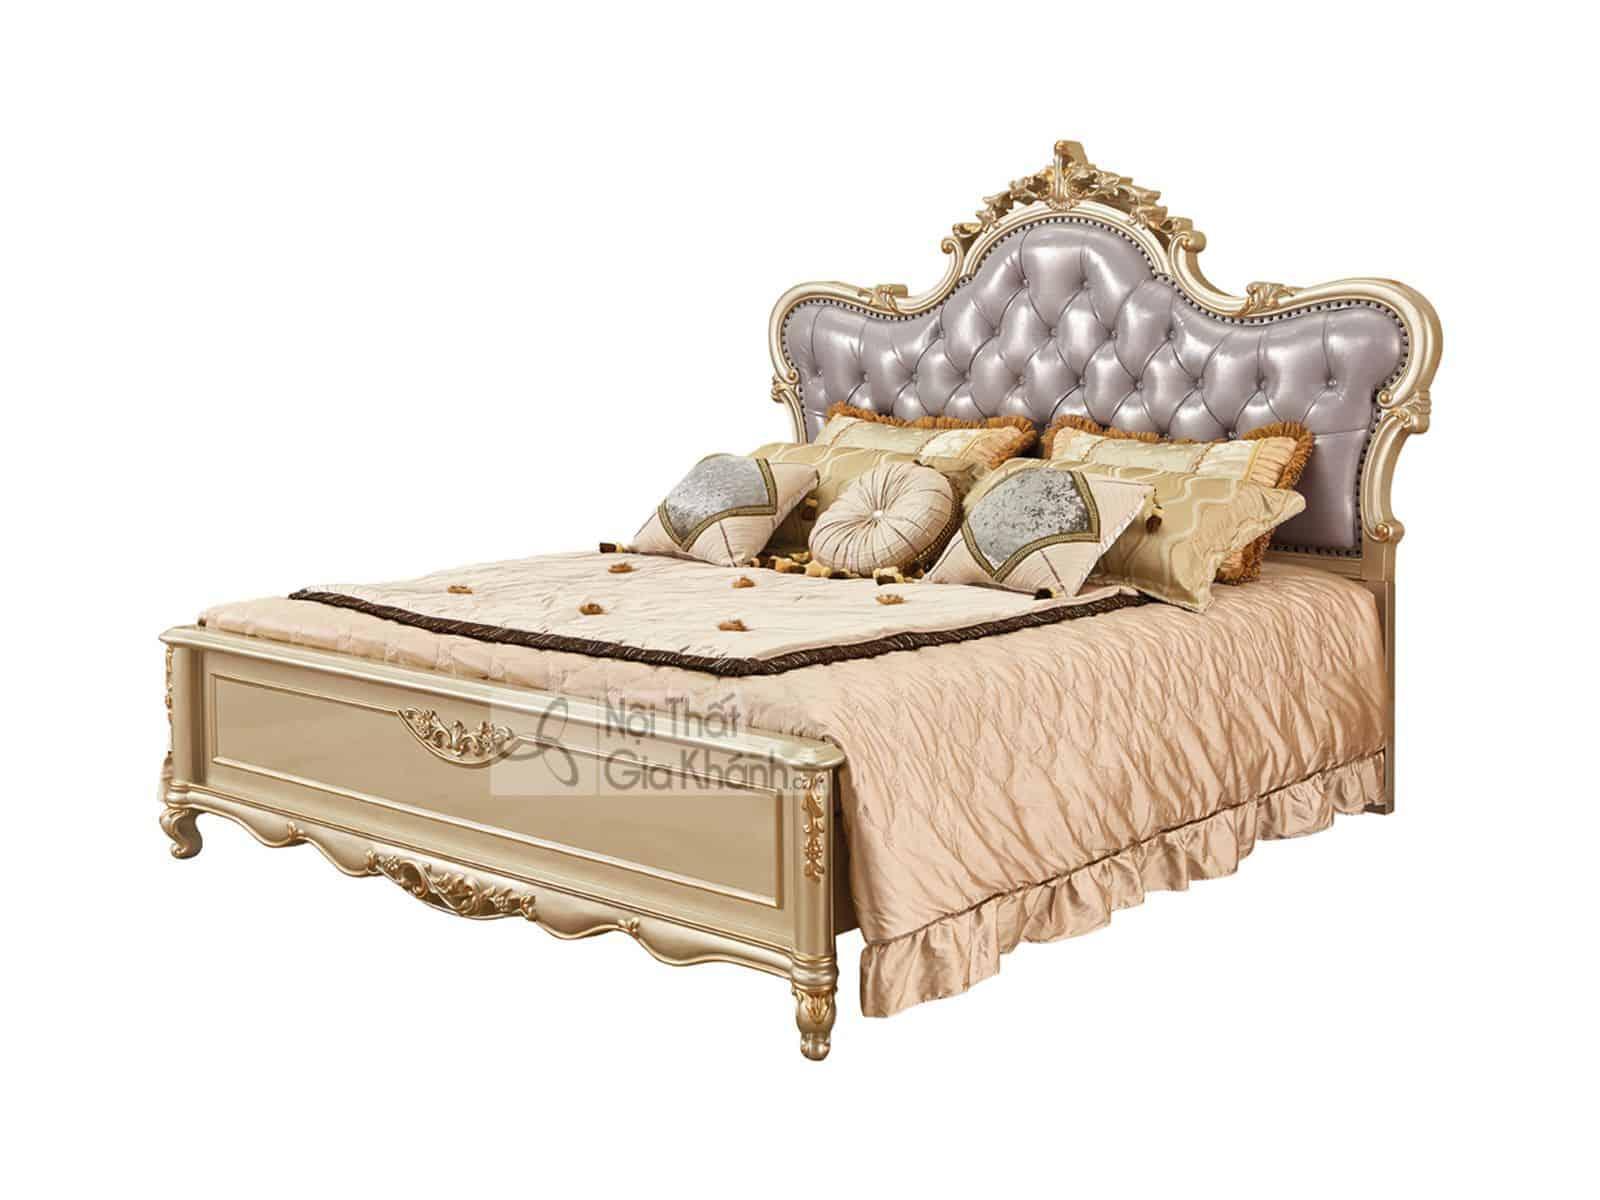 giuong ngu go soi nhap khau gk8835al 1 - Giường ngủ gỗ đẹp nhập khẩu cao cấp GI8835A (Mẫu mới nhất)